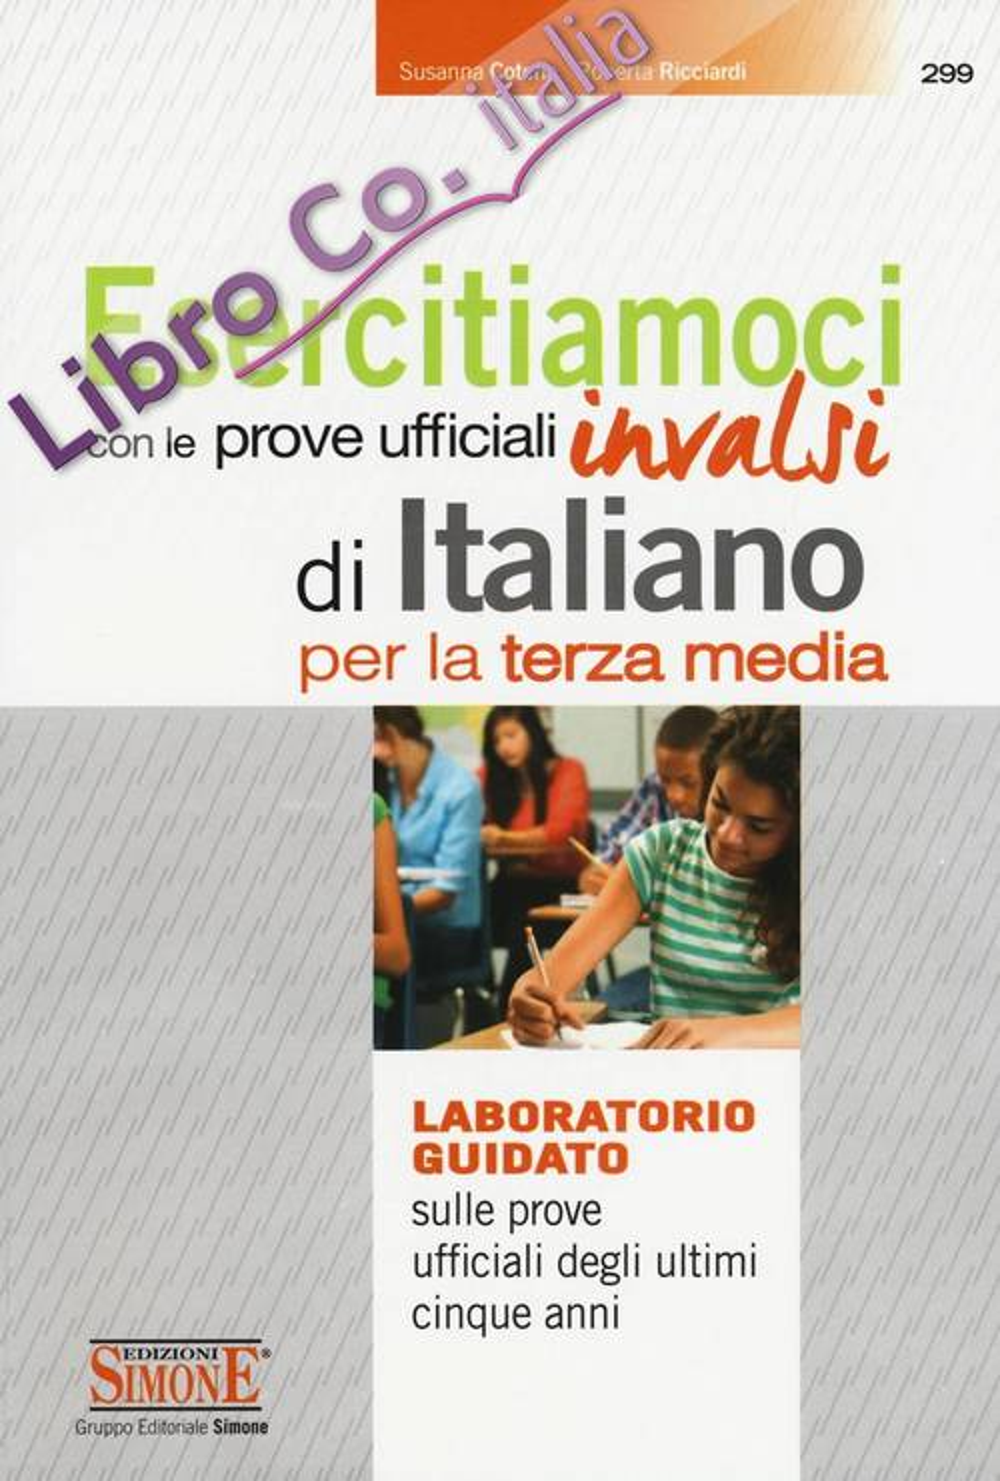 Esercitiamoci con le prove ufficiali Invalsi di Italiano. Laboratorio guidato sulle prove ufficiali degli ultimi cinque anni. Per la 3ª classe della Scuola media